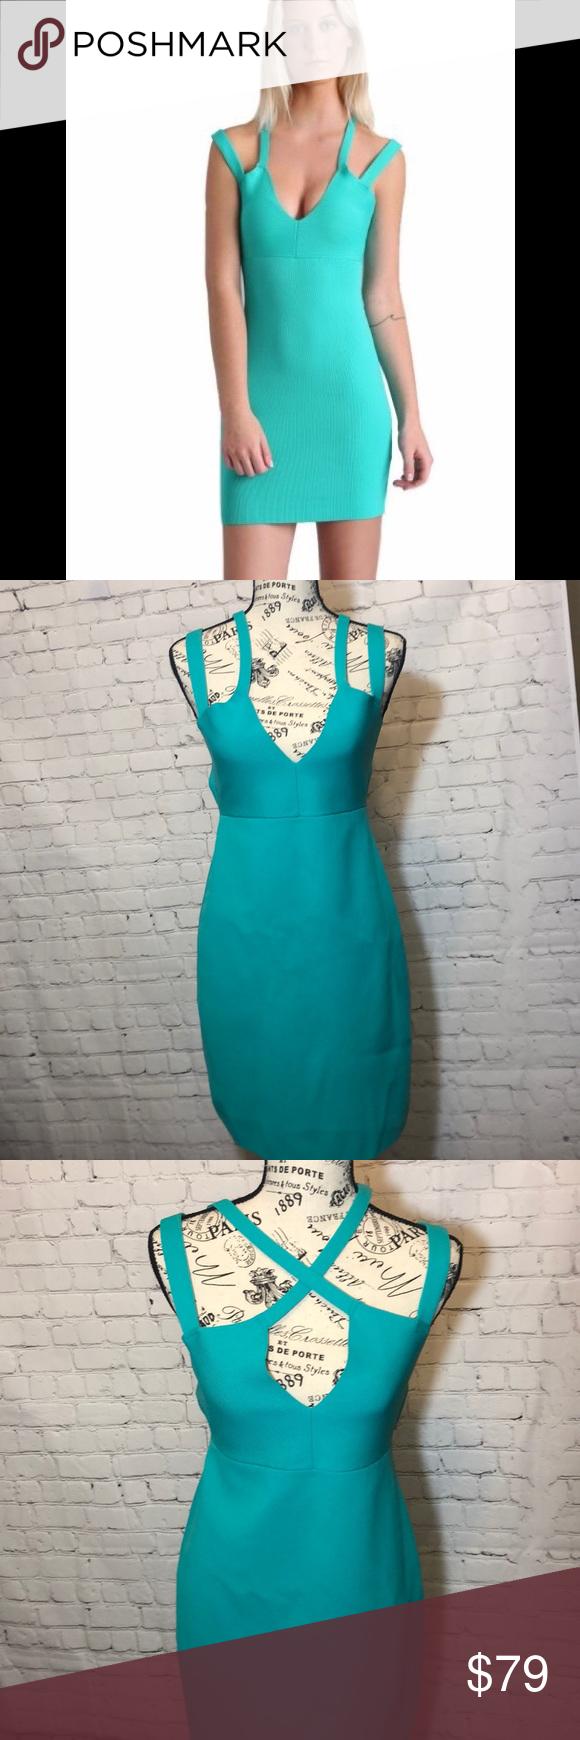 Nbd X Naven Twins Bodycon Dress Teal Choose Me Bodycon Dress Bodycon Nbd Dresses [ 1740 x 580 Pixel ]